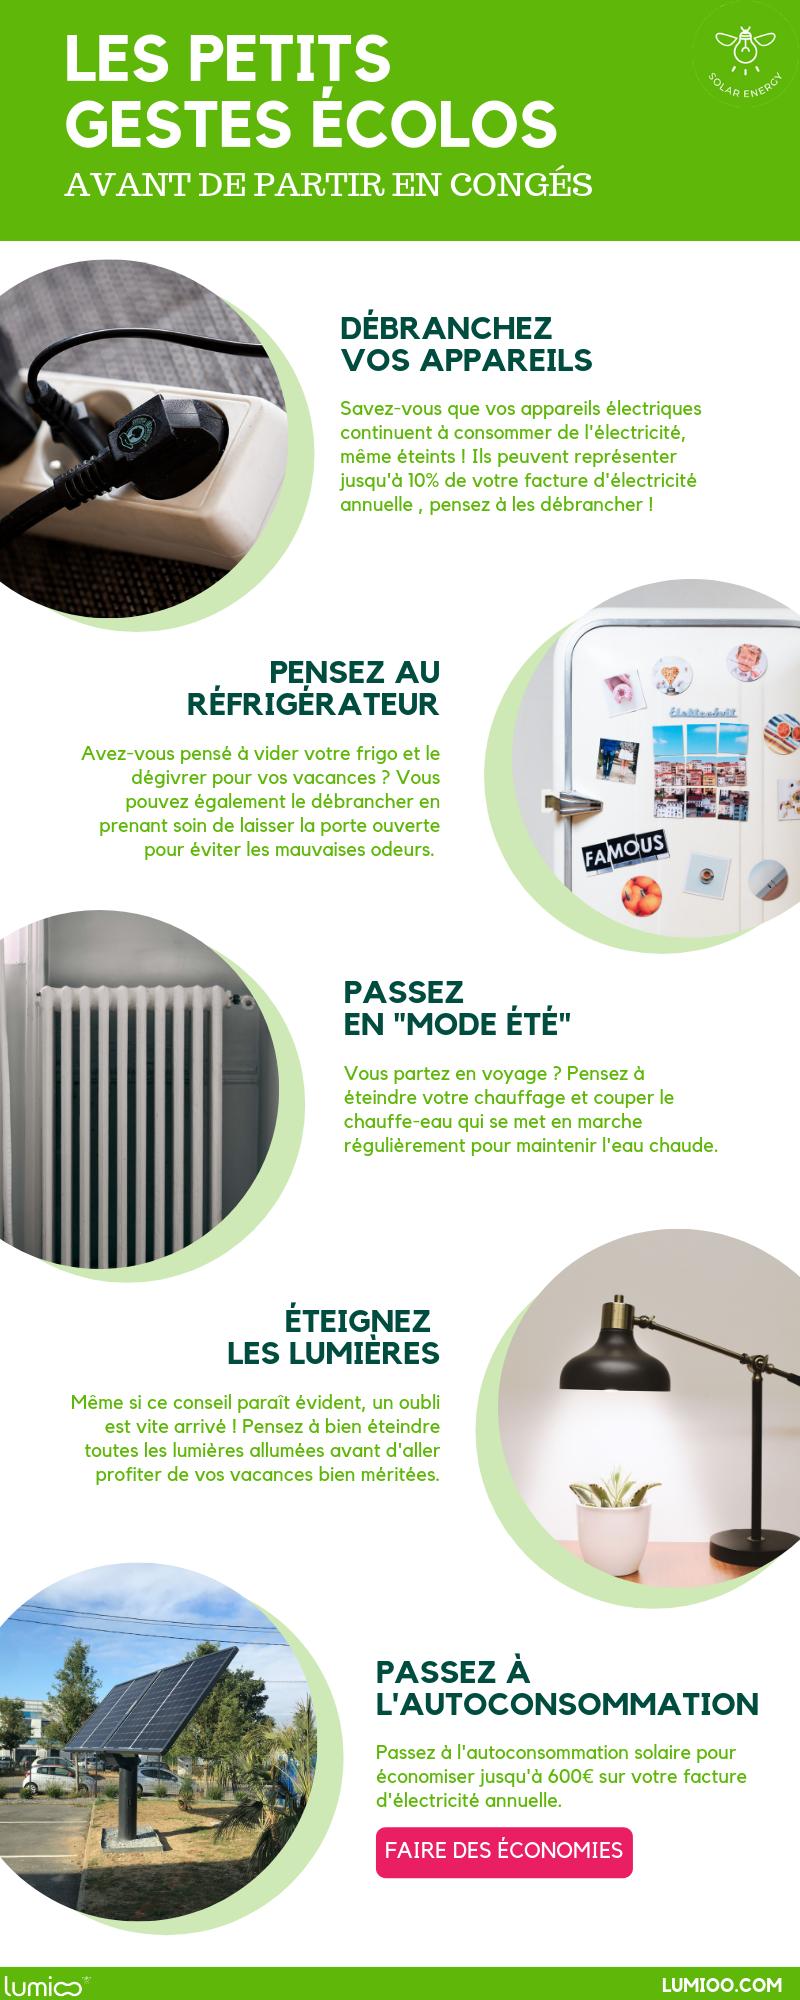 infographie sur les petits gestes ecolos pour réduire sa facture d'électricité en vacances